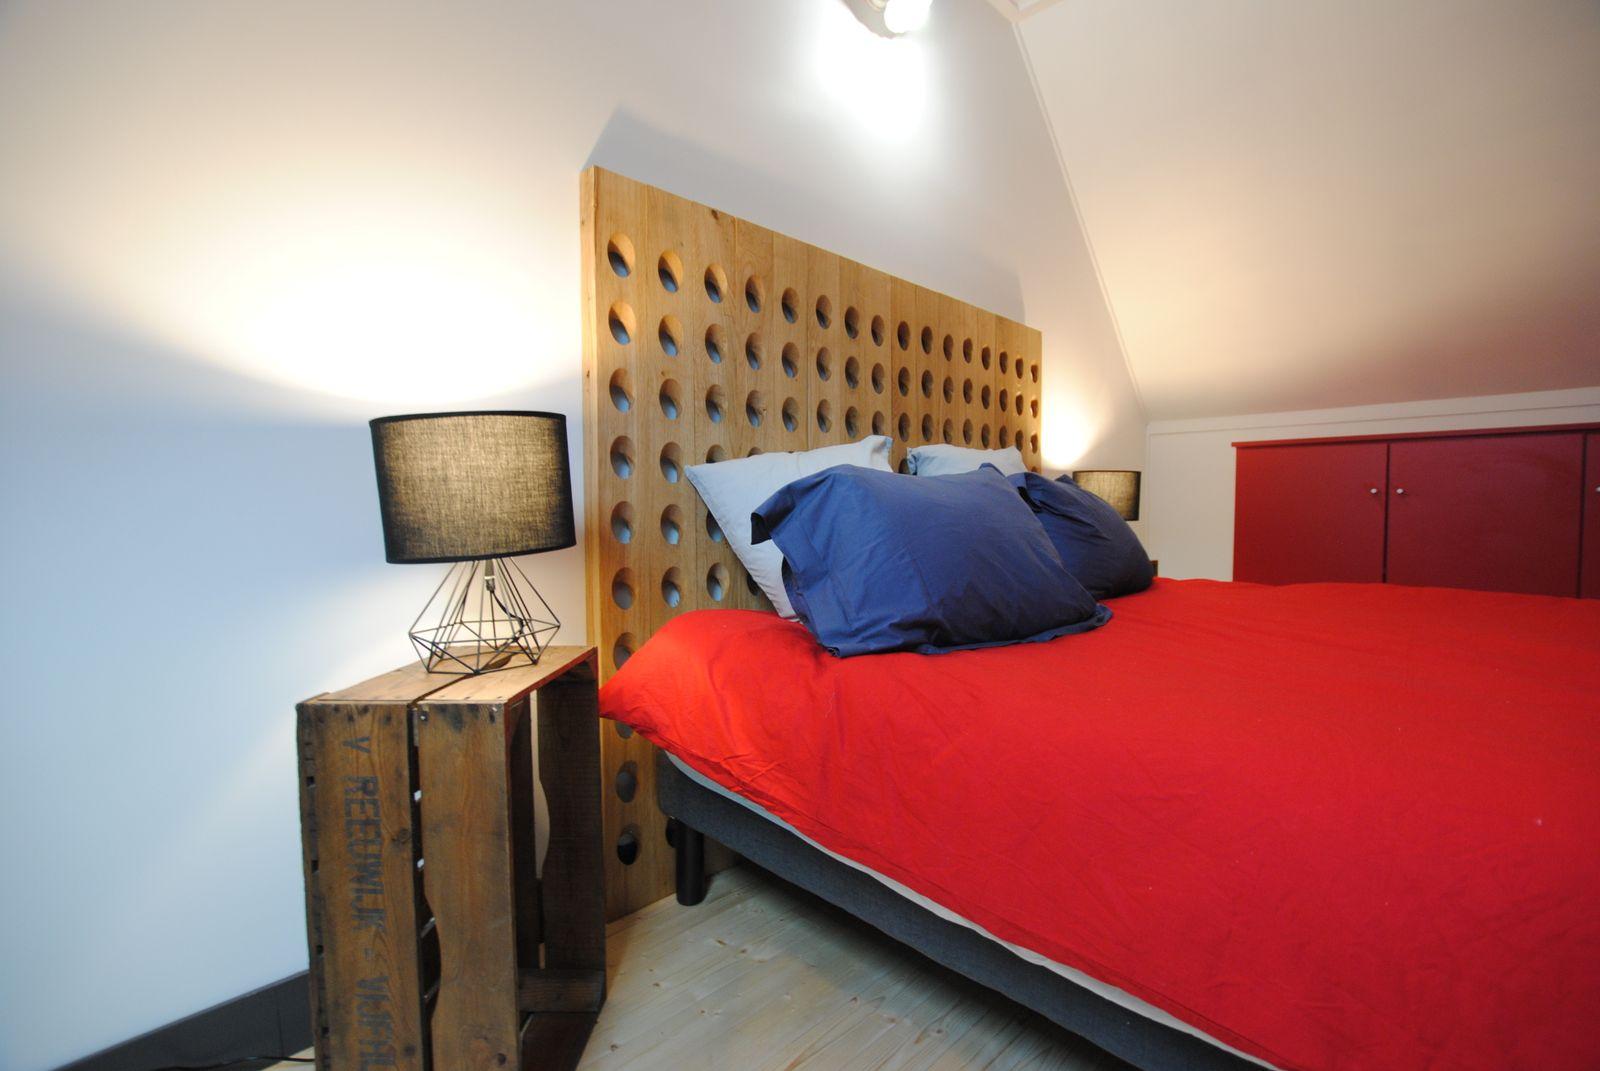 Tête de lit en pupitre à champagne fabrication maison Lit 160x200 51G482 - La Courvilloise - Courville - Gîtes de France Marne